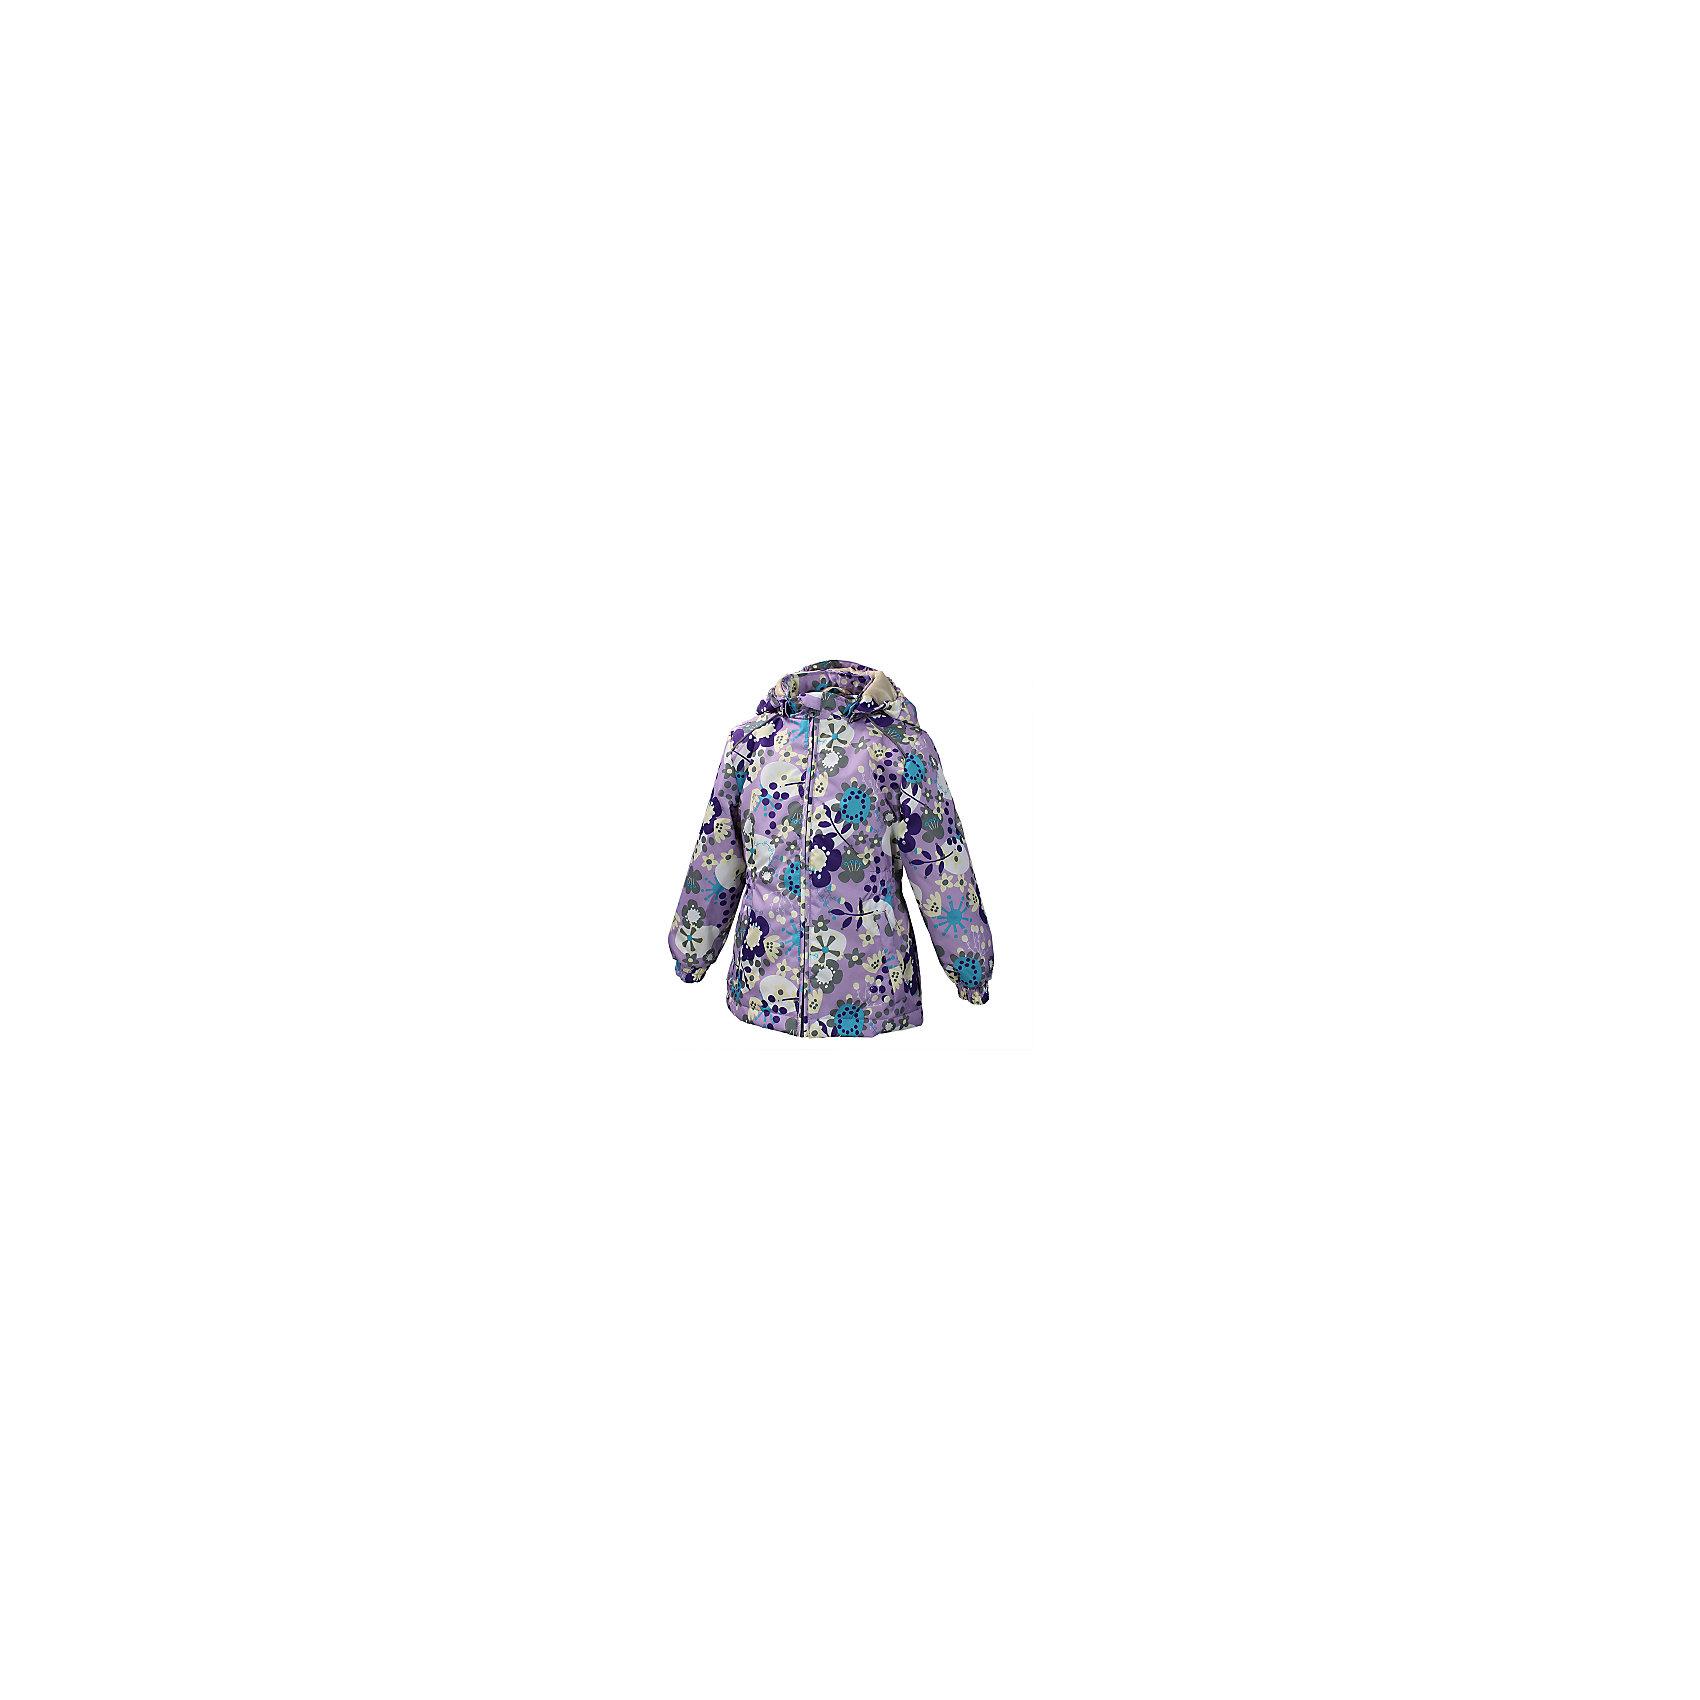 Куртка для девочки HuppaHuppaTherm 40 грамм<br>Высокотехнологичный лёгкий синтетический утеплитель нового поколения, сохраняет объём и высокую теплоизоляцию изделия, а также легко стирается и быстро сохнет.<br><br>Влагоустойчивая и дышащая ткань 10 000/ 10 000<br>Мембрана препятствует прохождению воды и ветра сквозь ткань внутрь изделия, позволяя испаряться выделяемой телом, образовывающейся внутри влаге.<br><br>Прочная ткань<br>Сплетения волокон в тканях выполнены по специальной технологии, которая придаёт ткани прочность и предохранят от истирания.<br><br>Светоотражательные детали<br>При плохих погодных условиях или в темноте, когда свет падает на одежду, он отражается, делая ребёнка более заметным, уменьшая возможность несчастных случаев.<br><br>Дополнительная информация:<br><br>Температурный режим: от 0 до +10 С<br>Куртка для девочек<br>Ткань: 100% полиэстер<br>Подкладка: тафта - 100% полиэстер<br>Утеплитель: 100% полиэстер 40г.<br><br>Куртку для девочки Huppa можно купить в нашем магазине.<br><br>Ширина мм: 356<br>Глубина мм: 10<br>Высота мм: 245<br>Вес г: 519<br>Цвет: розовый<br>Возраст от месяцев: 36<br>Возраст до месяцев: 48<br>Пол: Женский<br>Возраст: Детский<br>Размер: 104,122,128,92,98,134,110,116<br>SKU: 4595338